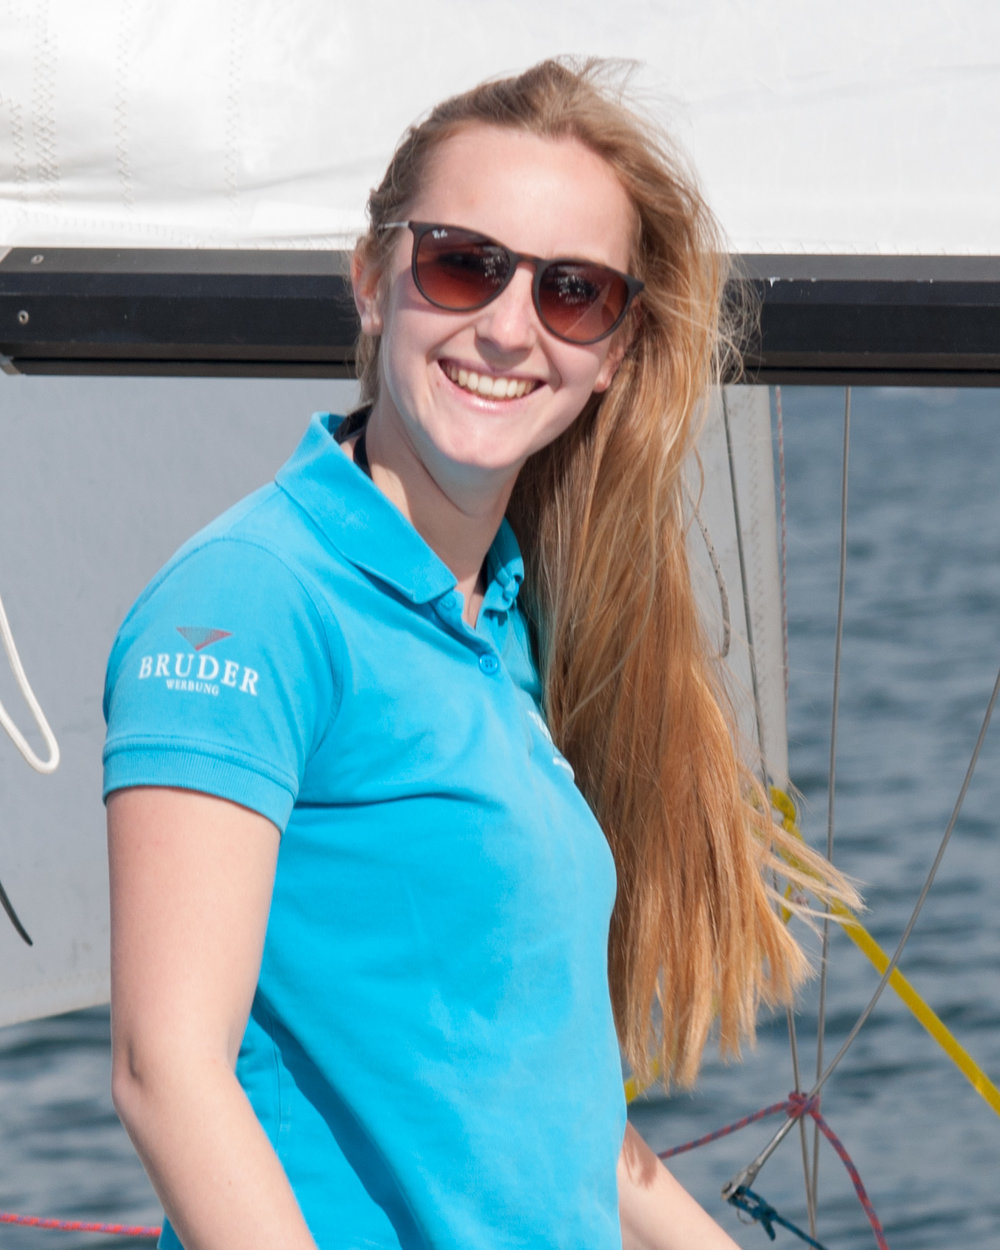 Britta - Als gebürtige Wallhäuserin hat Sie schon für die Vorgängersegelschule gearbeitet. Ist unsere Spezialistin in Sachen Optikurs und Motorbootschulung. Seit 2015 arbeitet sie bei der Weißen Flotte als Tourismusfachkraft und nebenberuflich bei uns. Seit 2018 erweitert sie ihre Fähigkeiten durch ein Fernstudium zur Tourismuskauffrau.